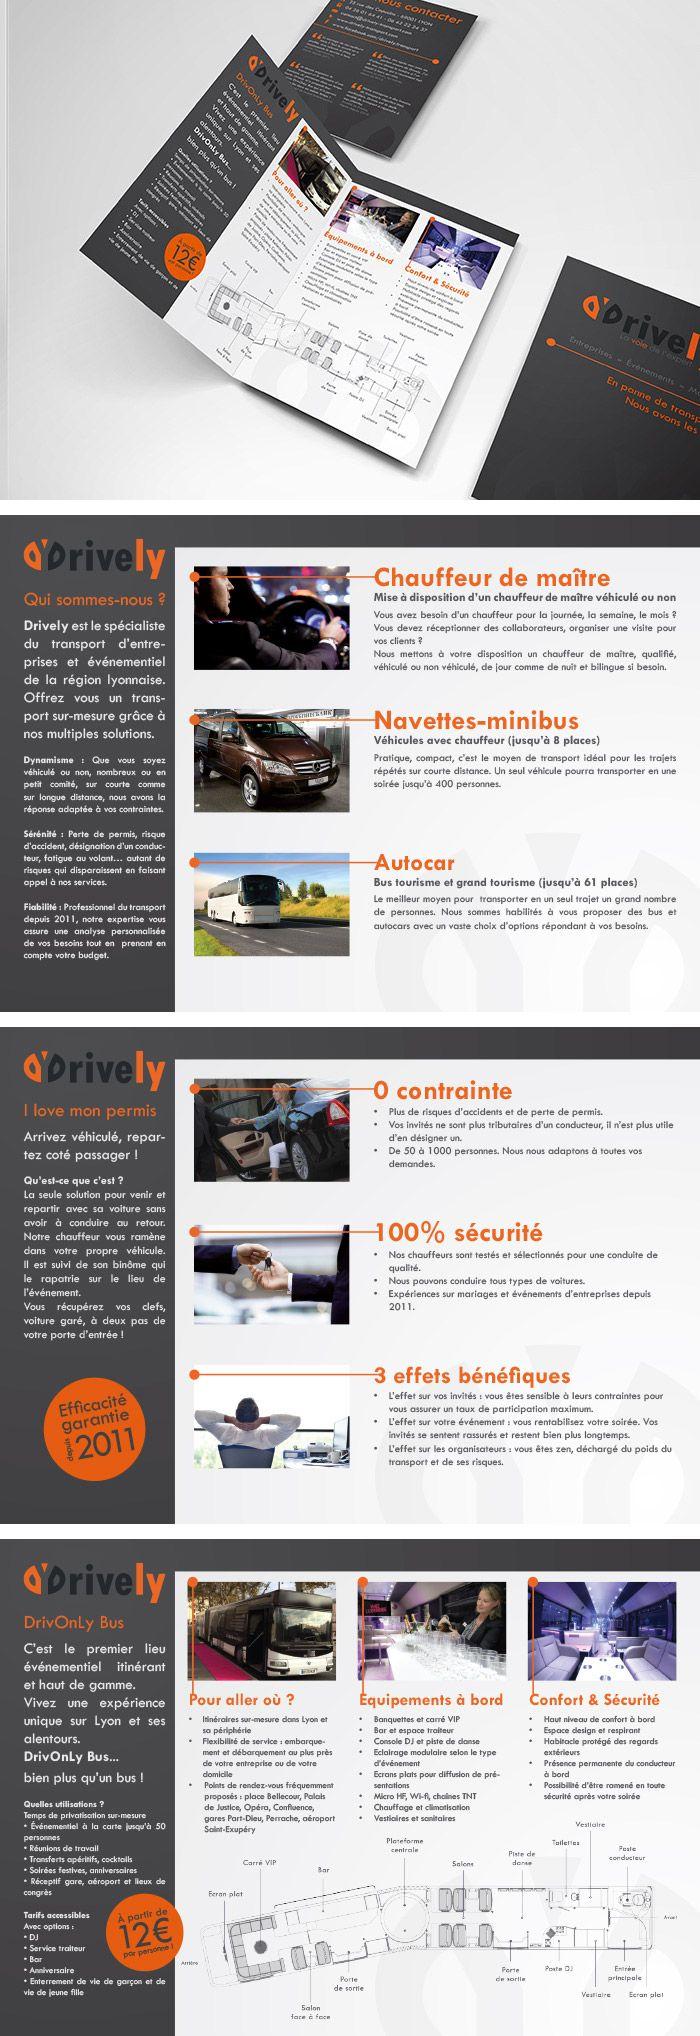 plaquette commerciale - sales leaflet - drively